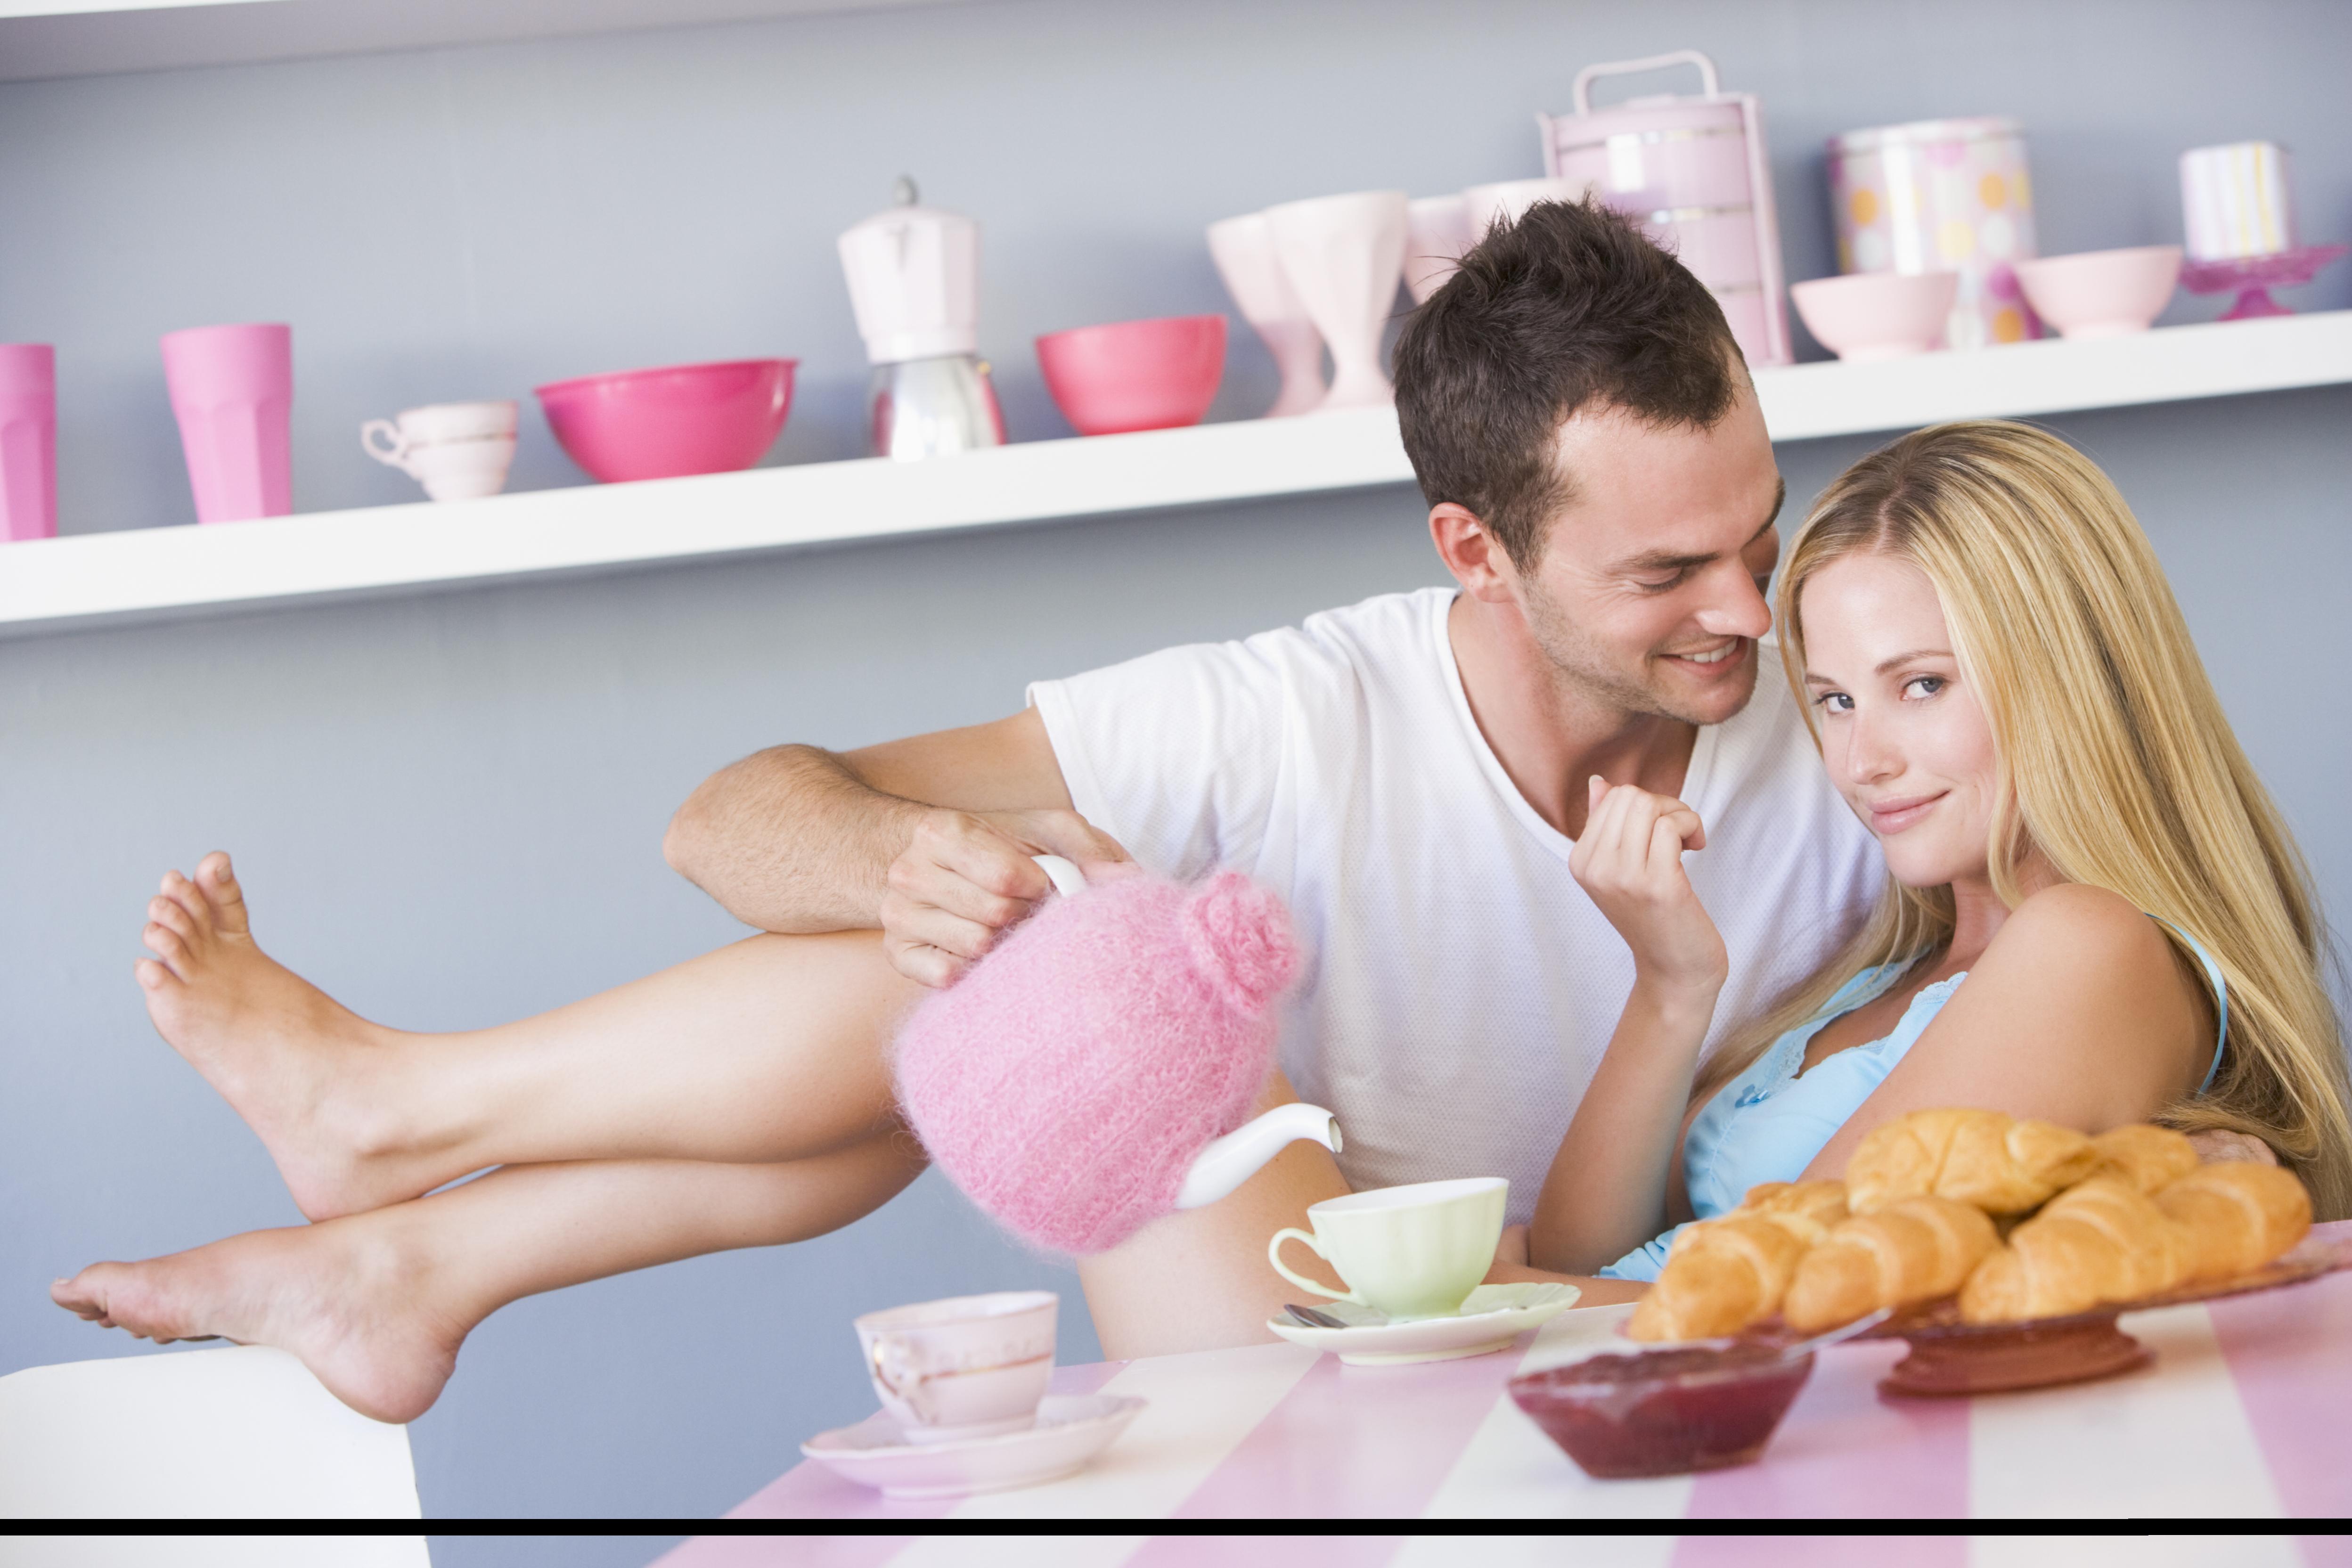 Хочу мужа на столе, Русская жена готова на все чтобы удовлетворить своего 10 фотография